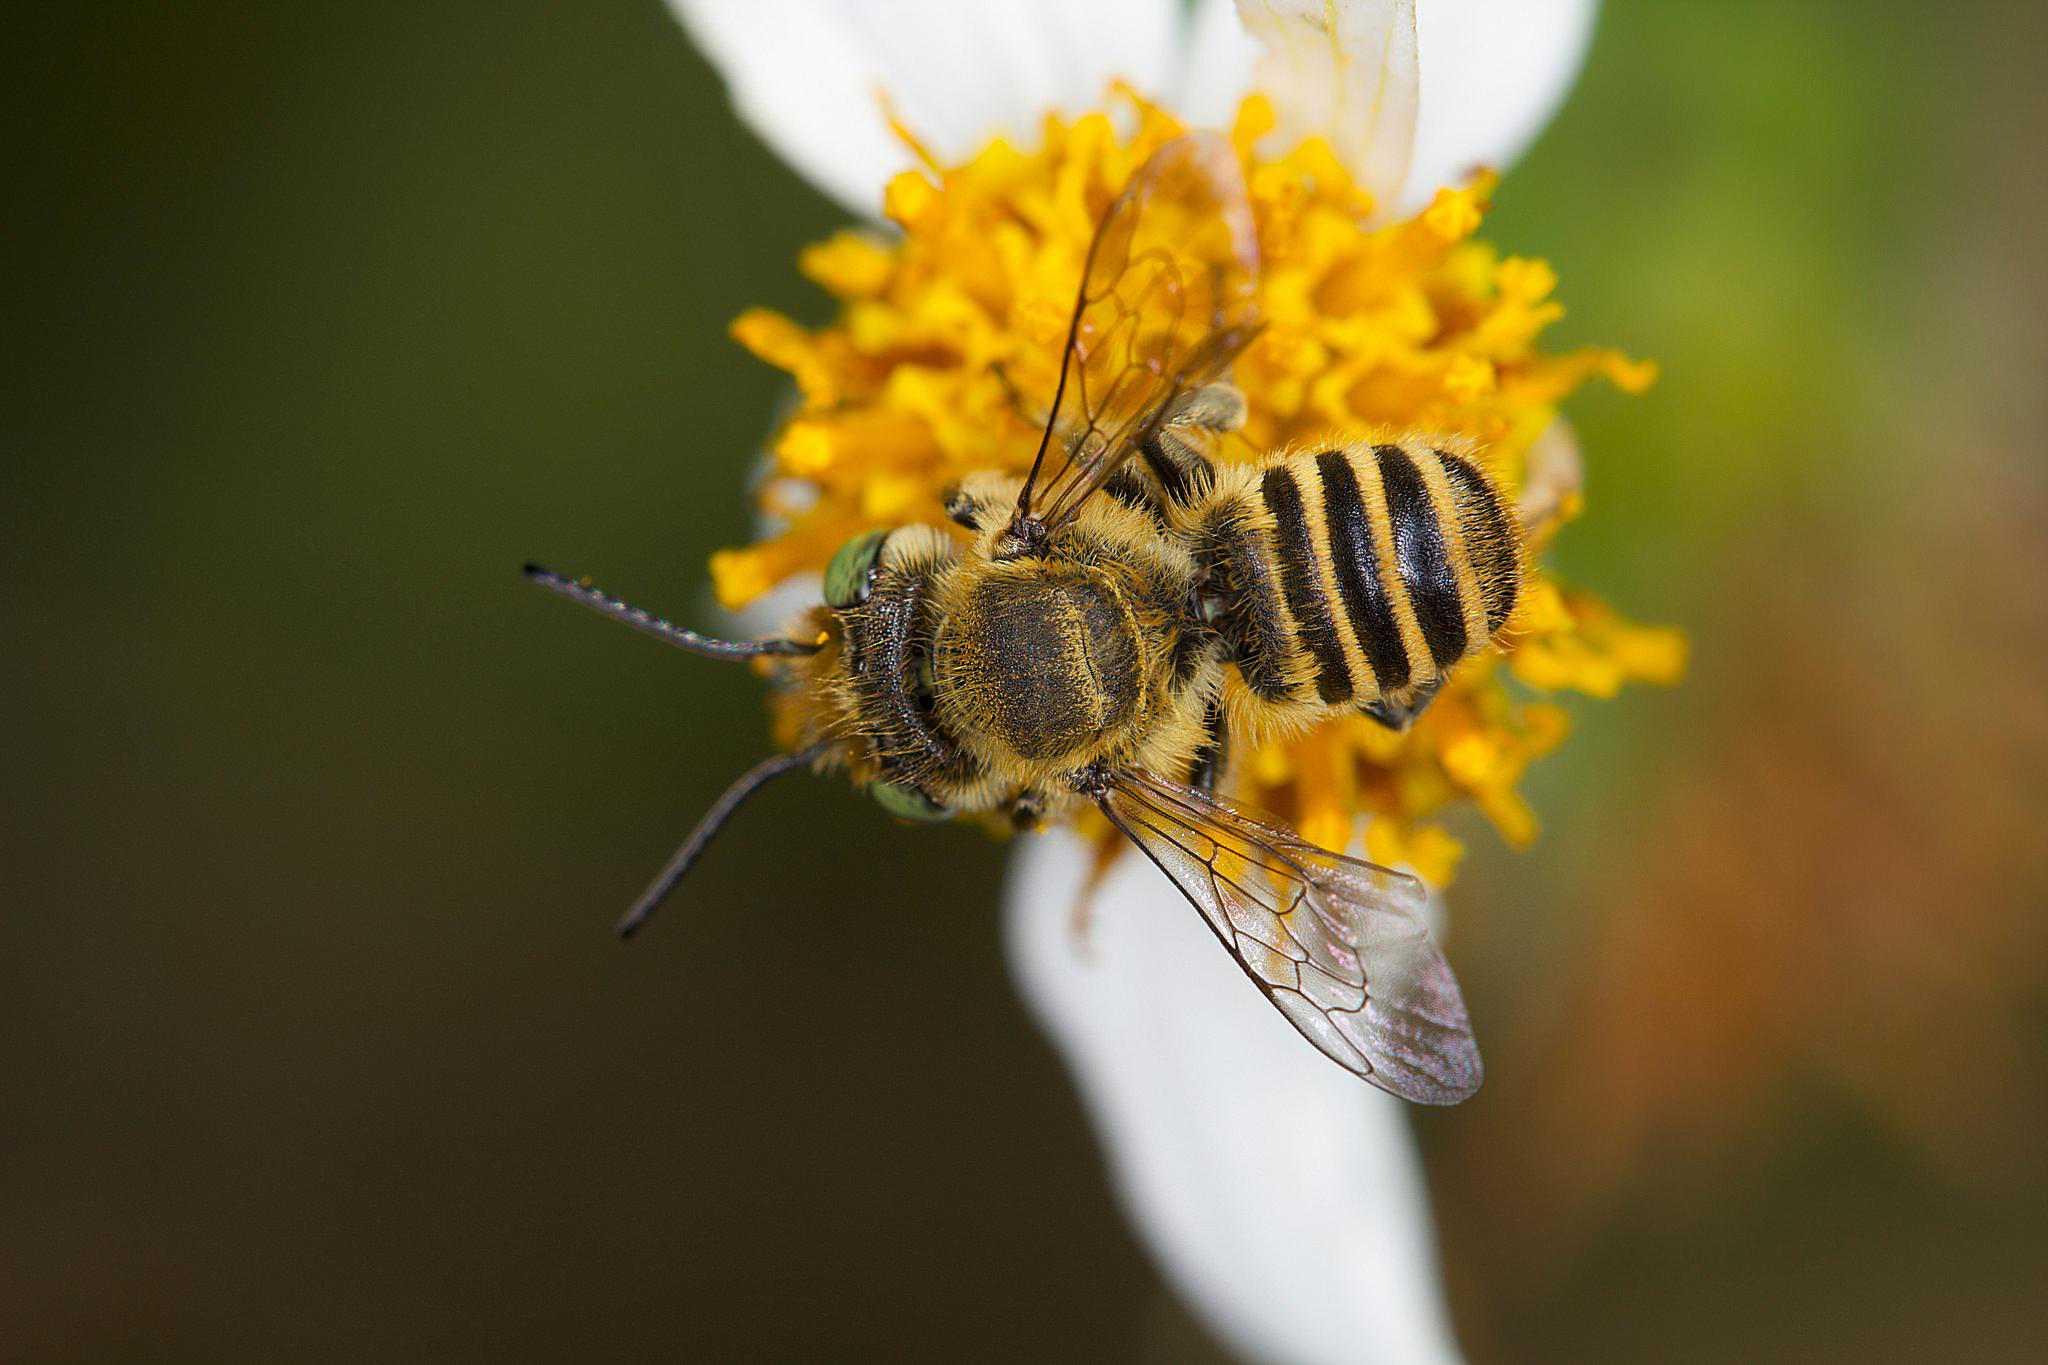 орех можно мед пчел земляных фото практикующих архитекторов